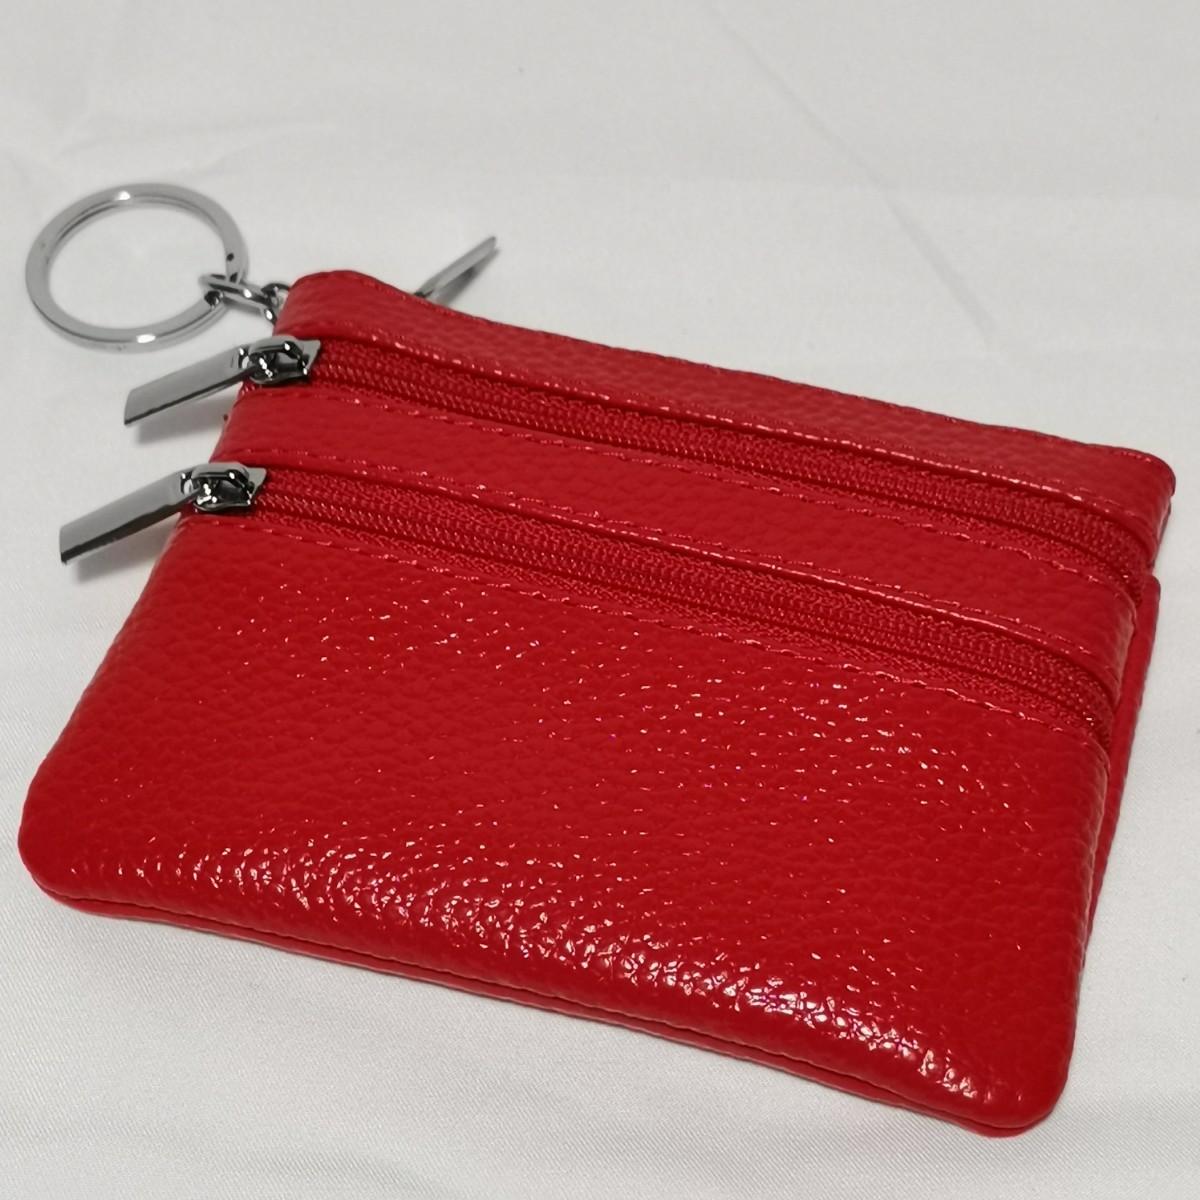 コインケース カード入れ ミニ財布 小銭入れ 赤1個